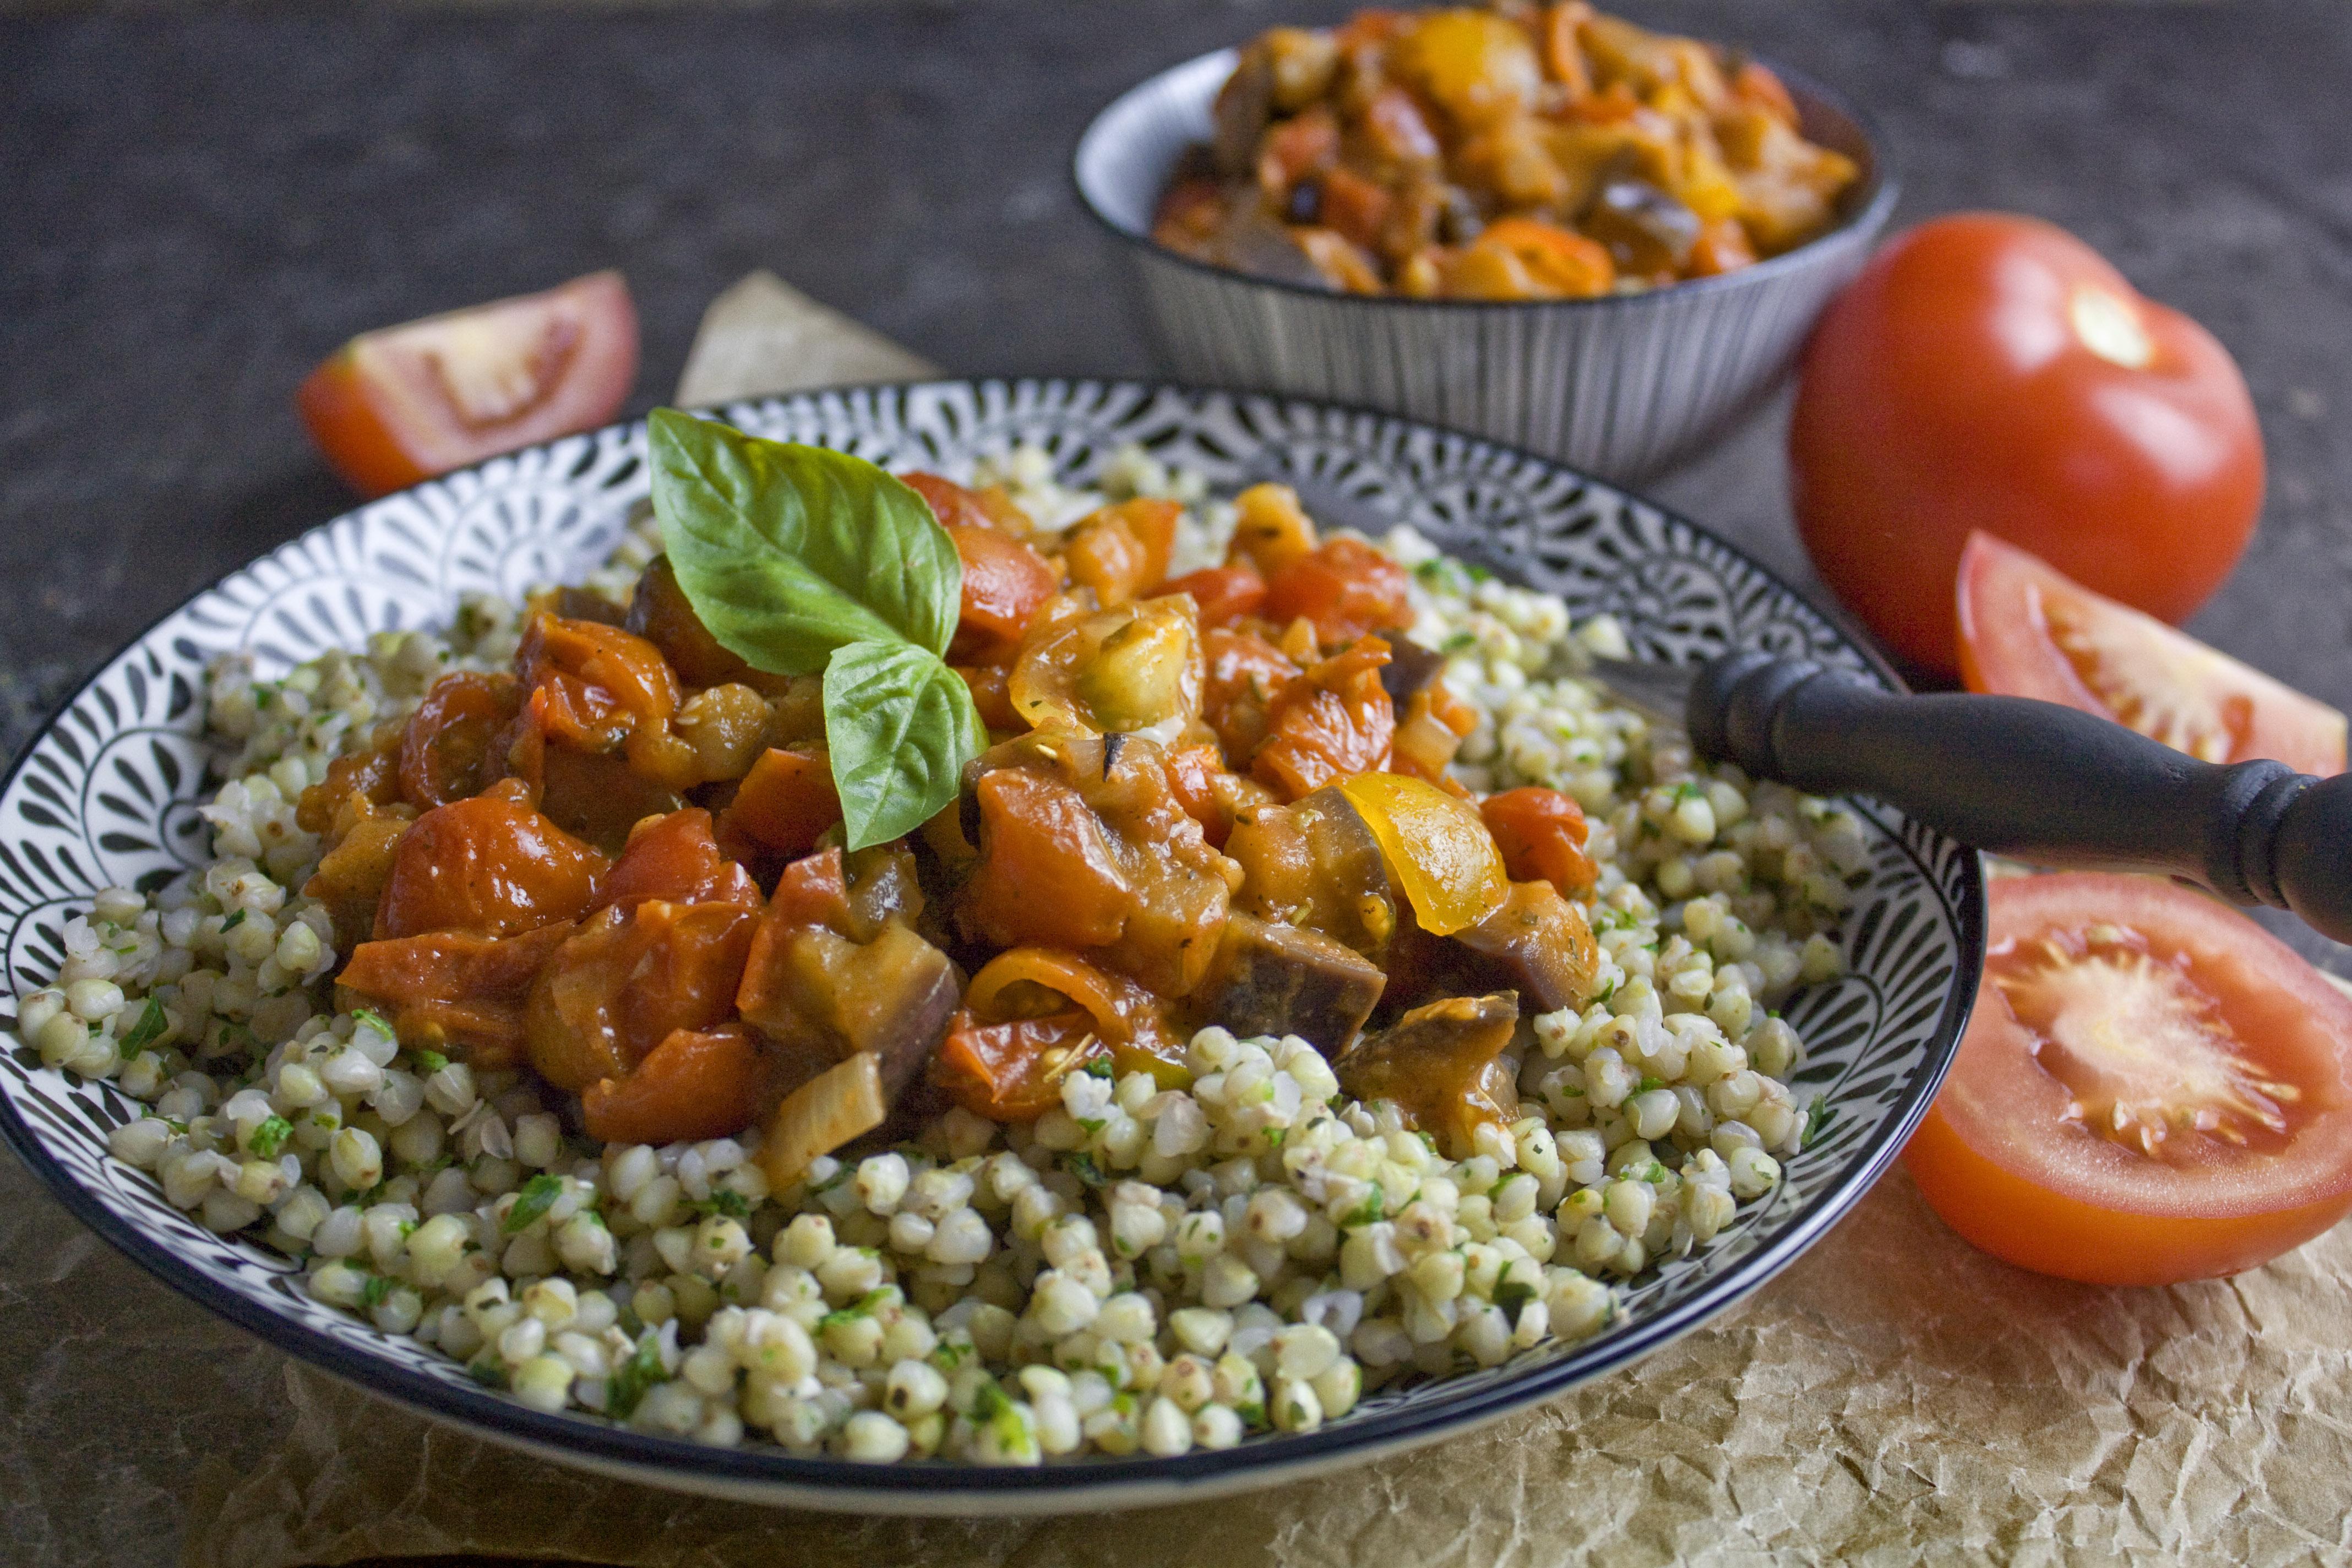 Kräuter-Buchweizen mit Tomaten-Auberginen-Ragout